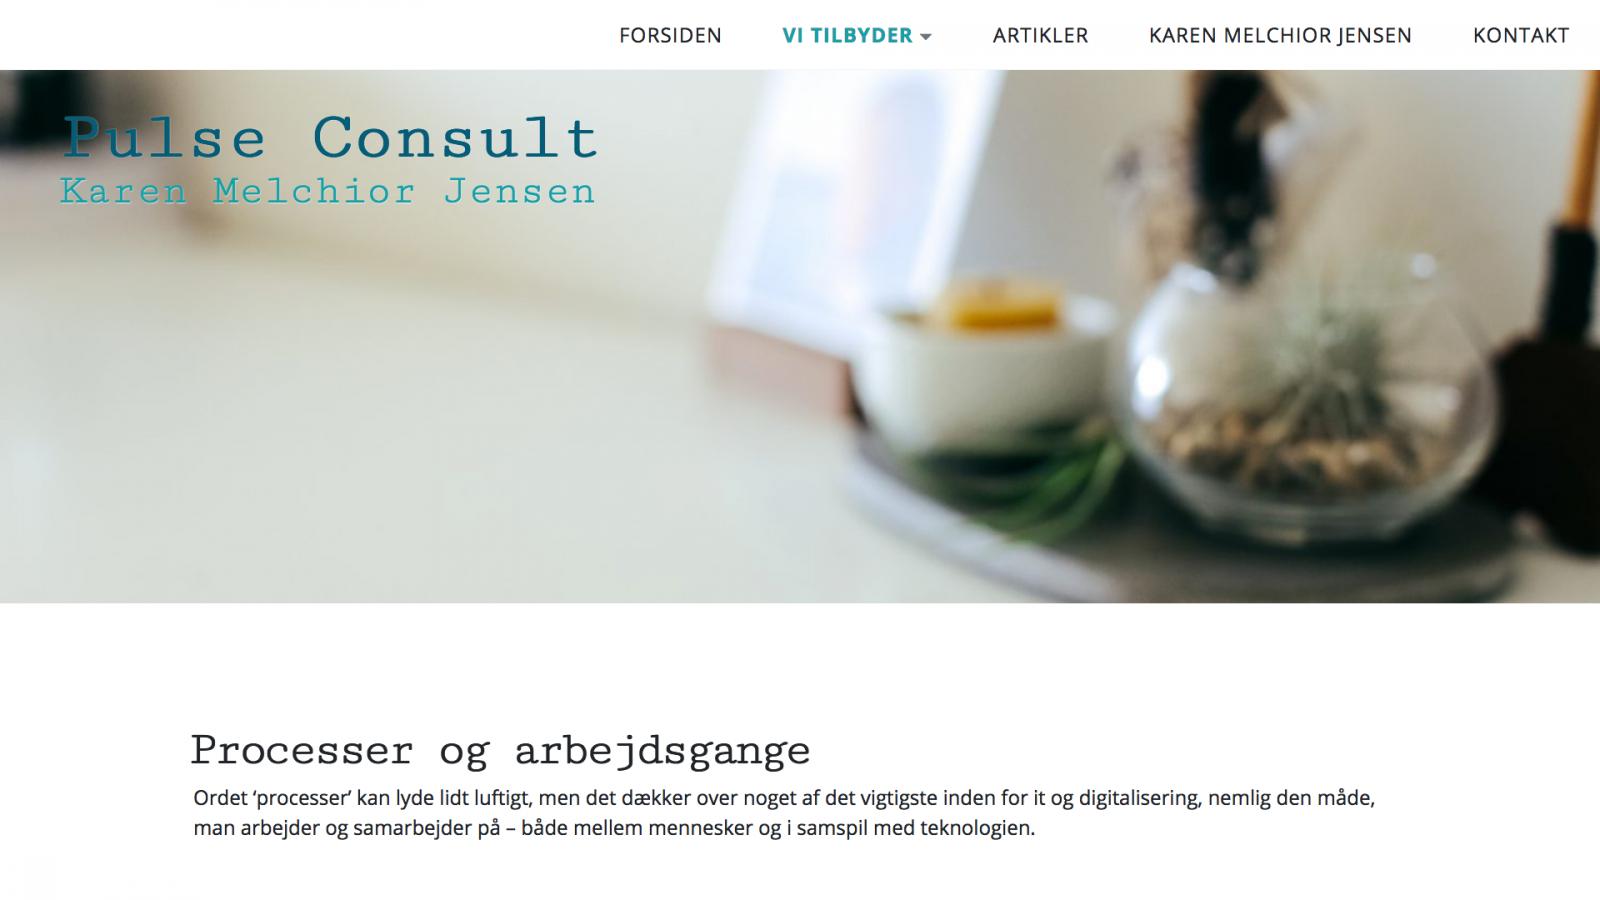 pulseconsult.dk - desktop version.